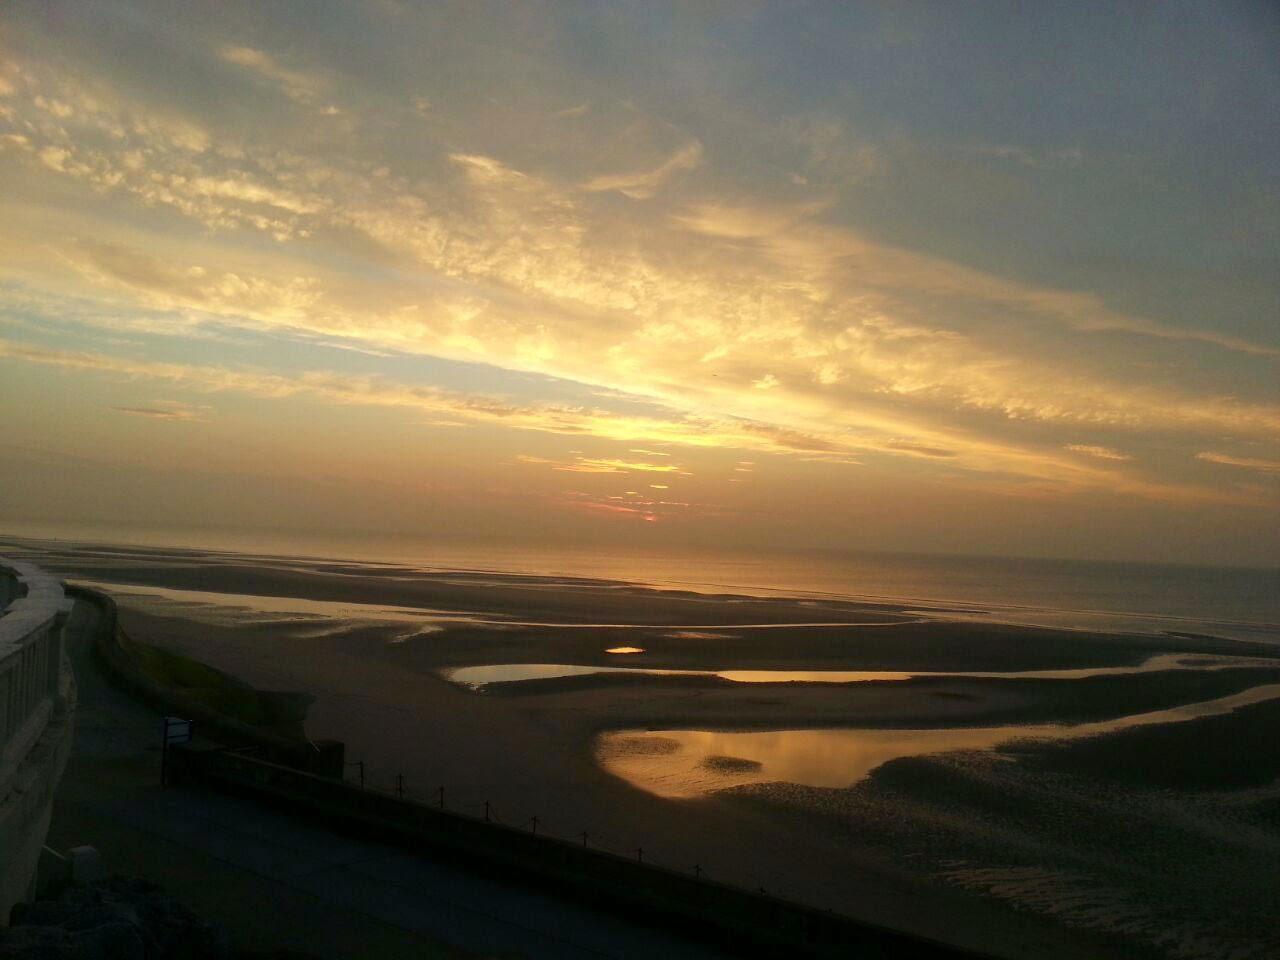 Gorgeous sunset across Blackpool Beach